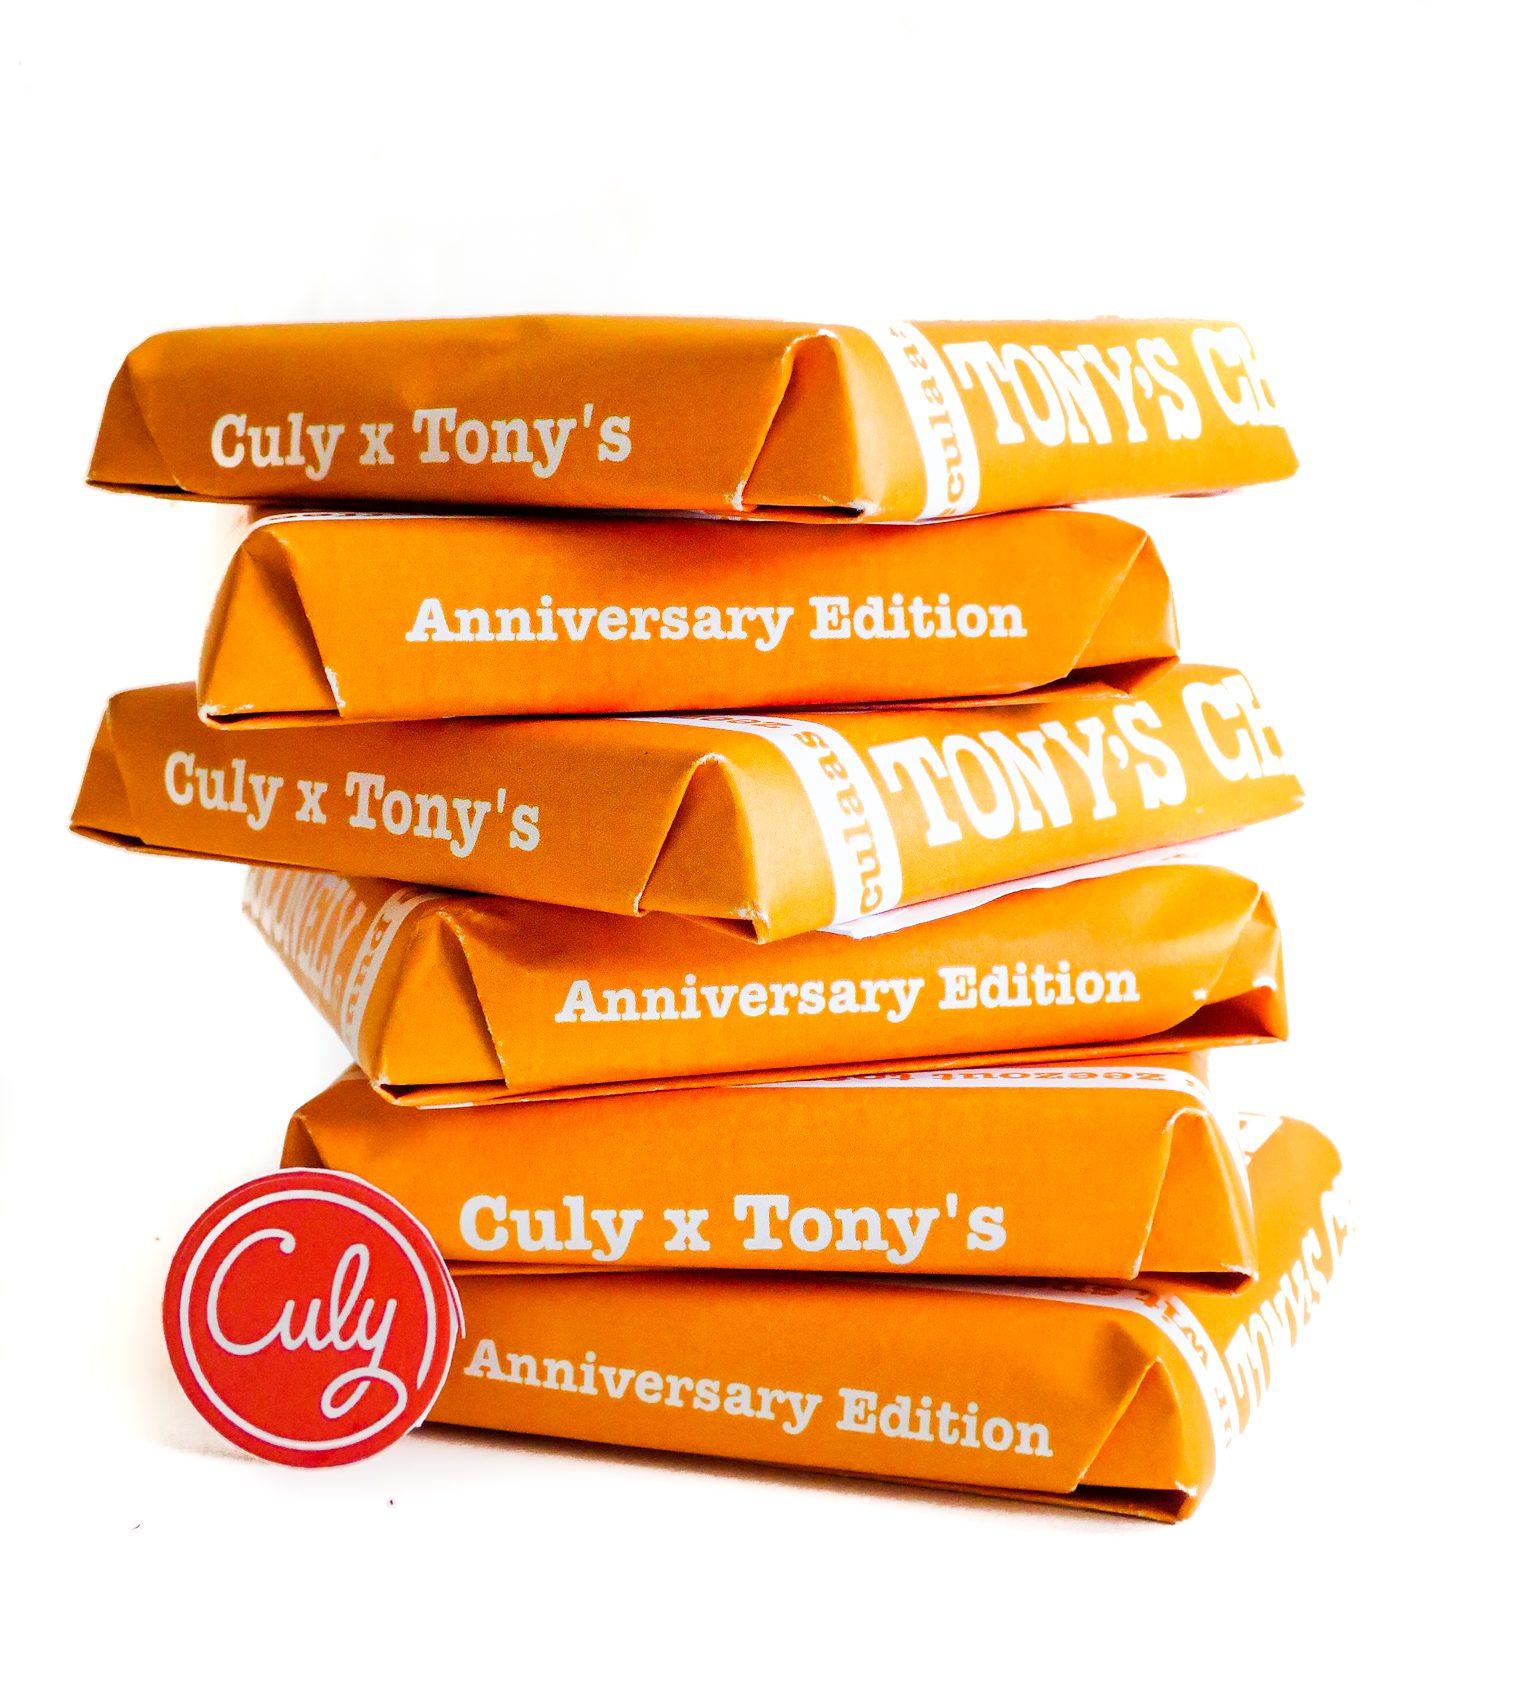 Culy x Tony's